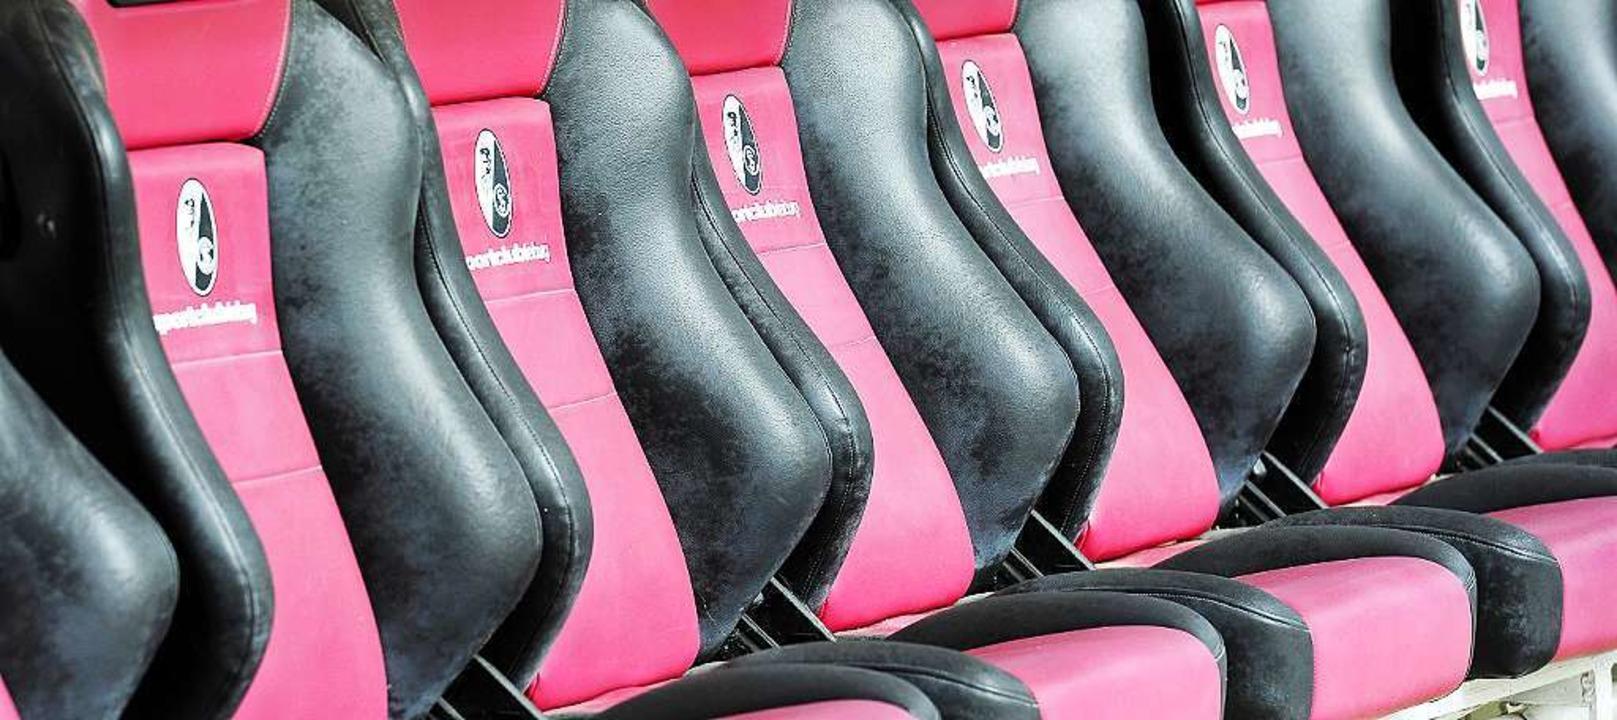 Wie sieht das neue Stadion für den SC ...g aus? Darüber wird heftig debattiert.    Foto: Ingo Schneider